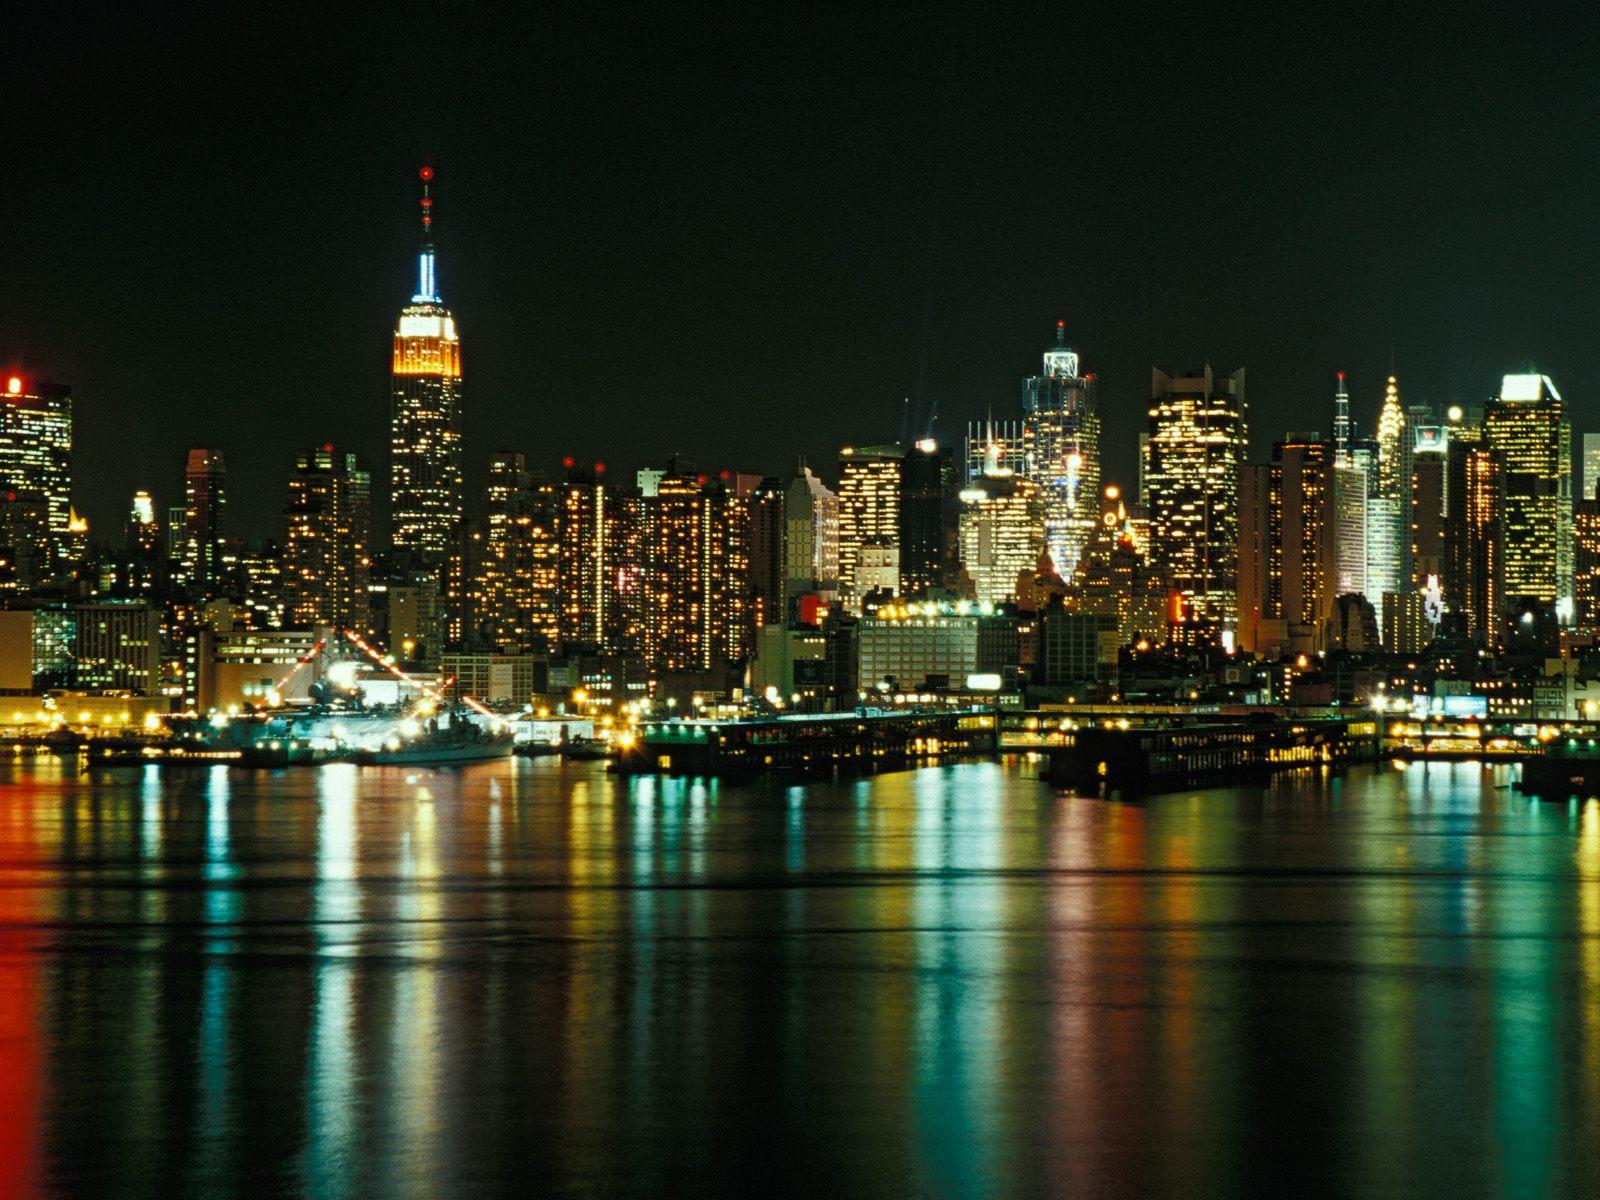 New York City Lights Wallpaper1 Nosso Assunto 1600x1200